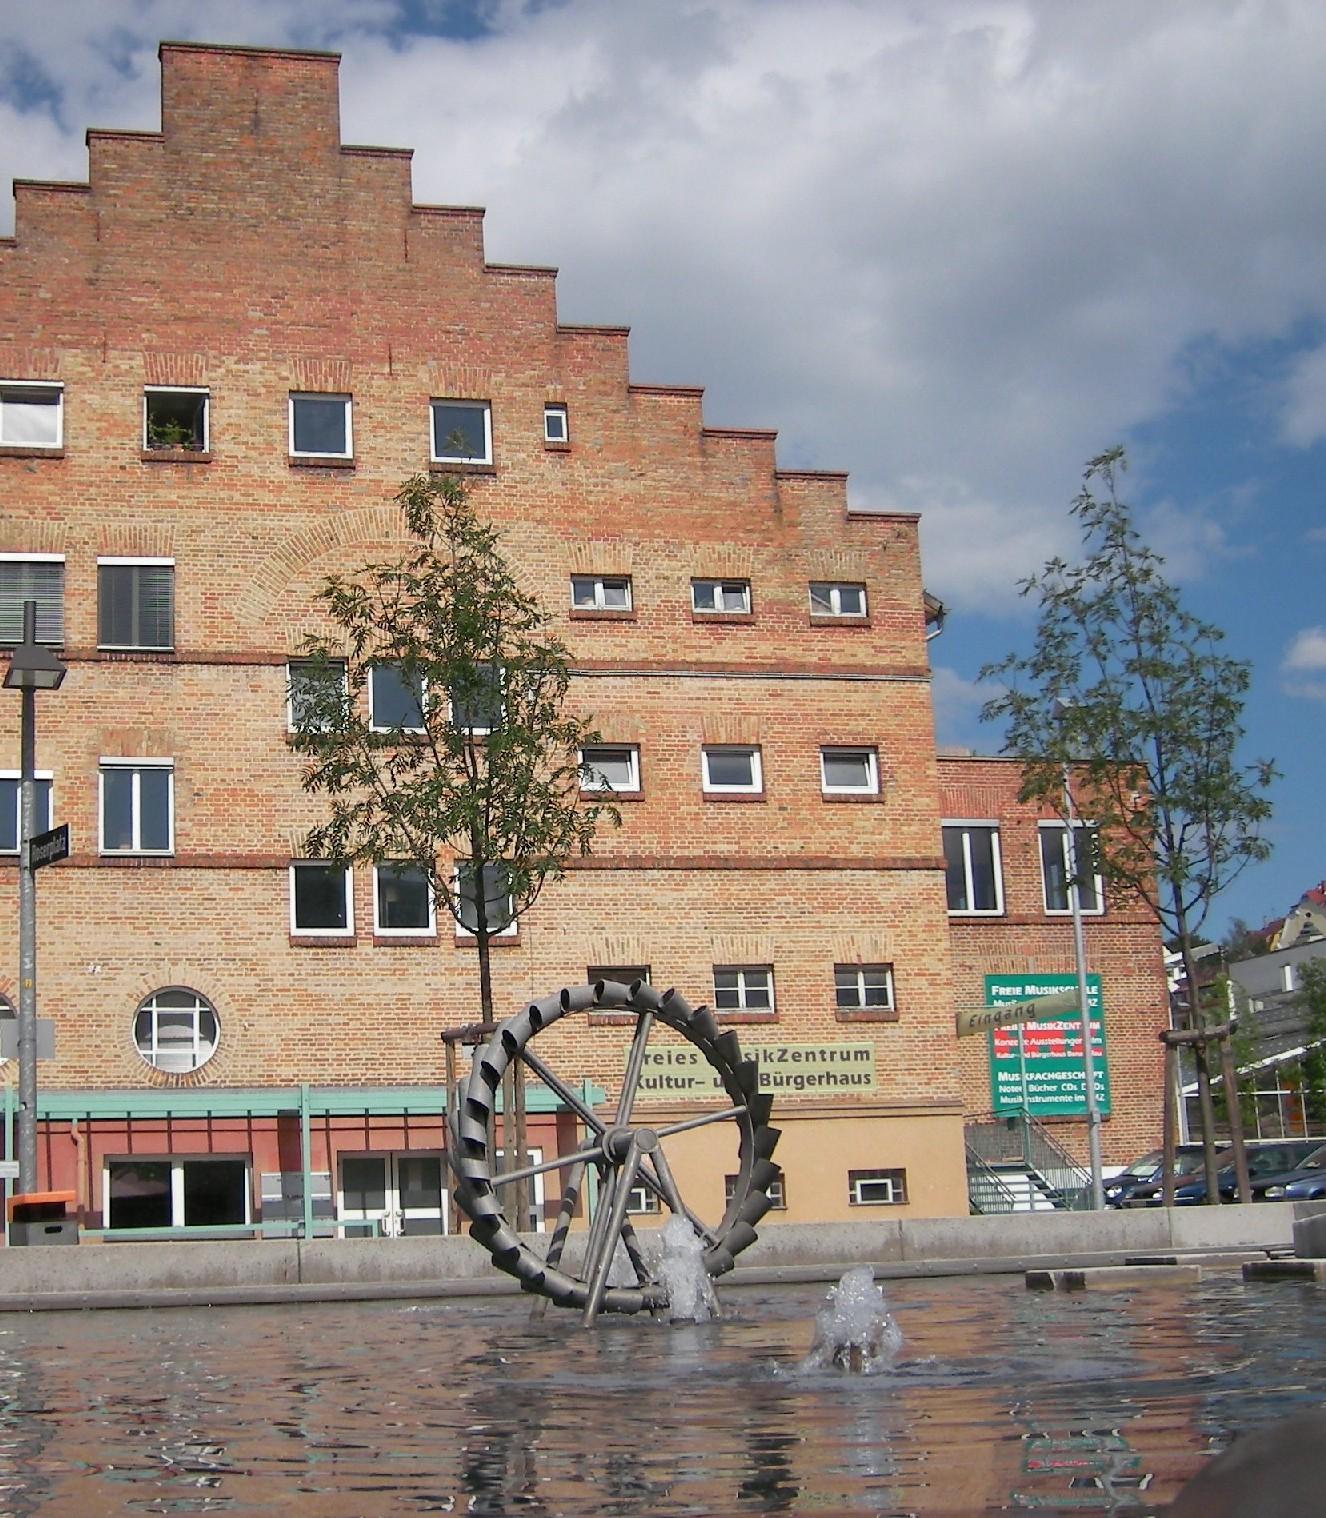 Freies Musikzentrum